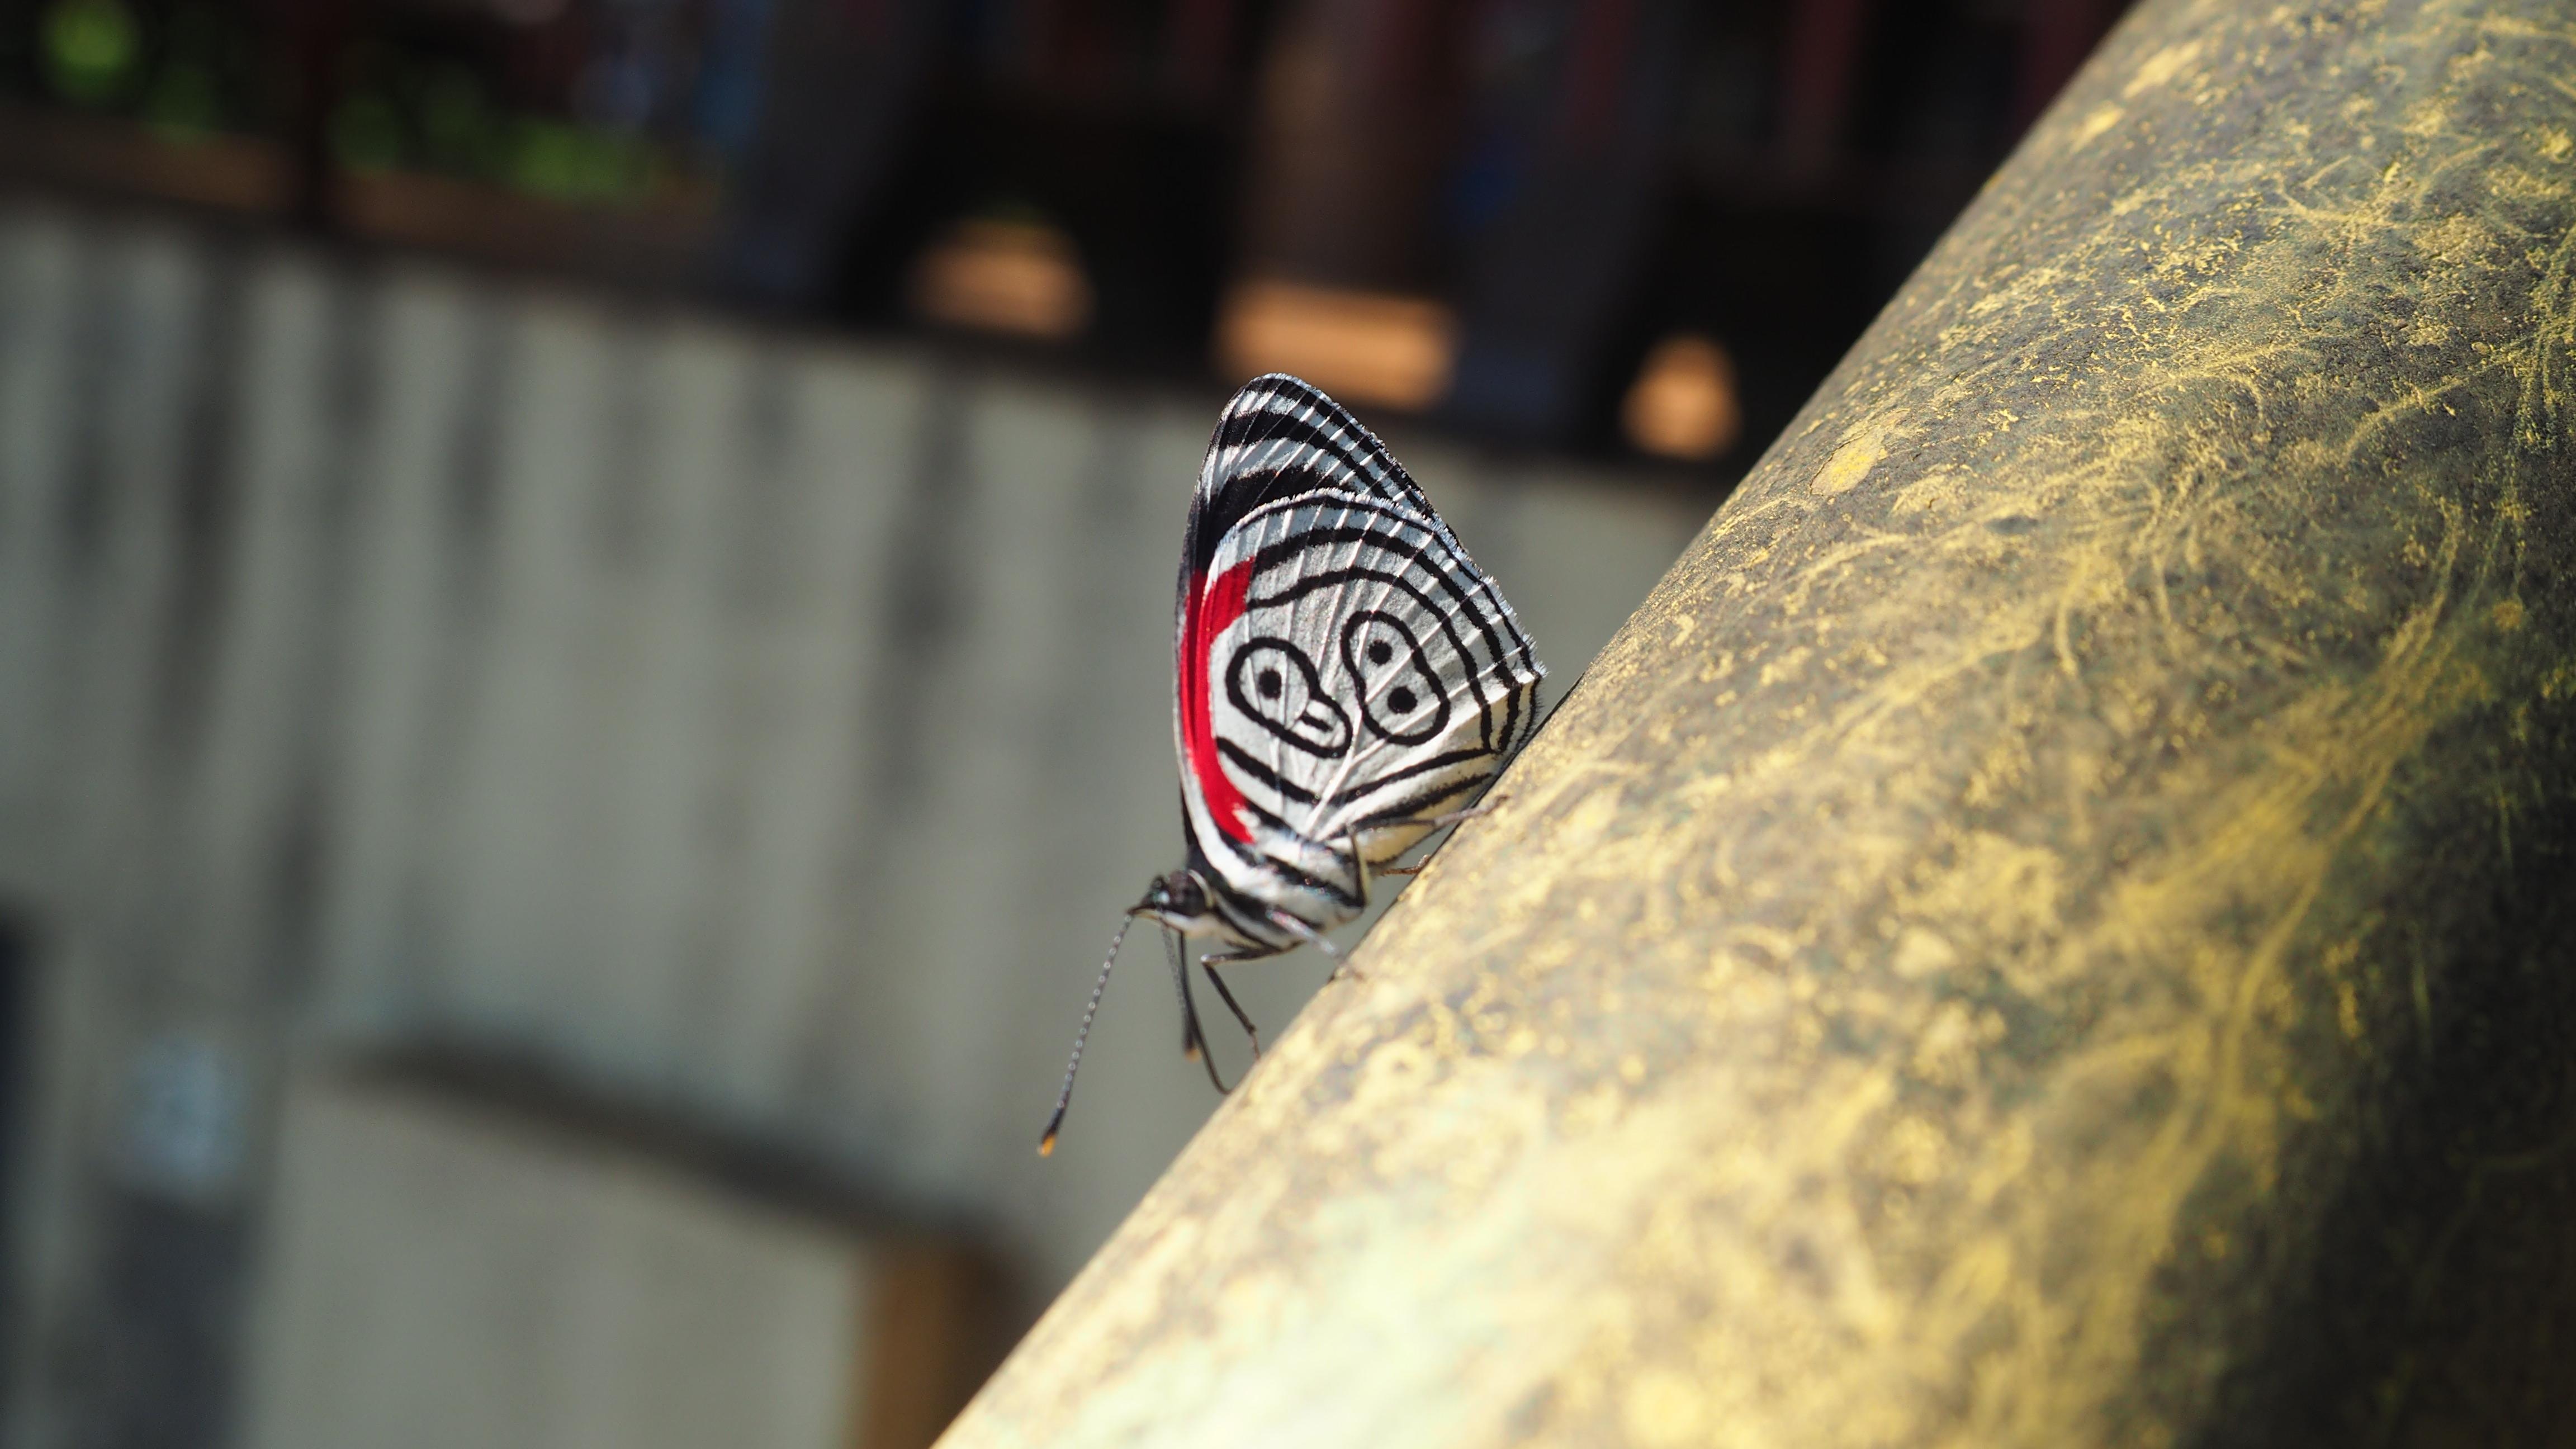 La mariposa 88 en el Parque Nacional de las Cataratas de Iguazú